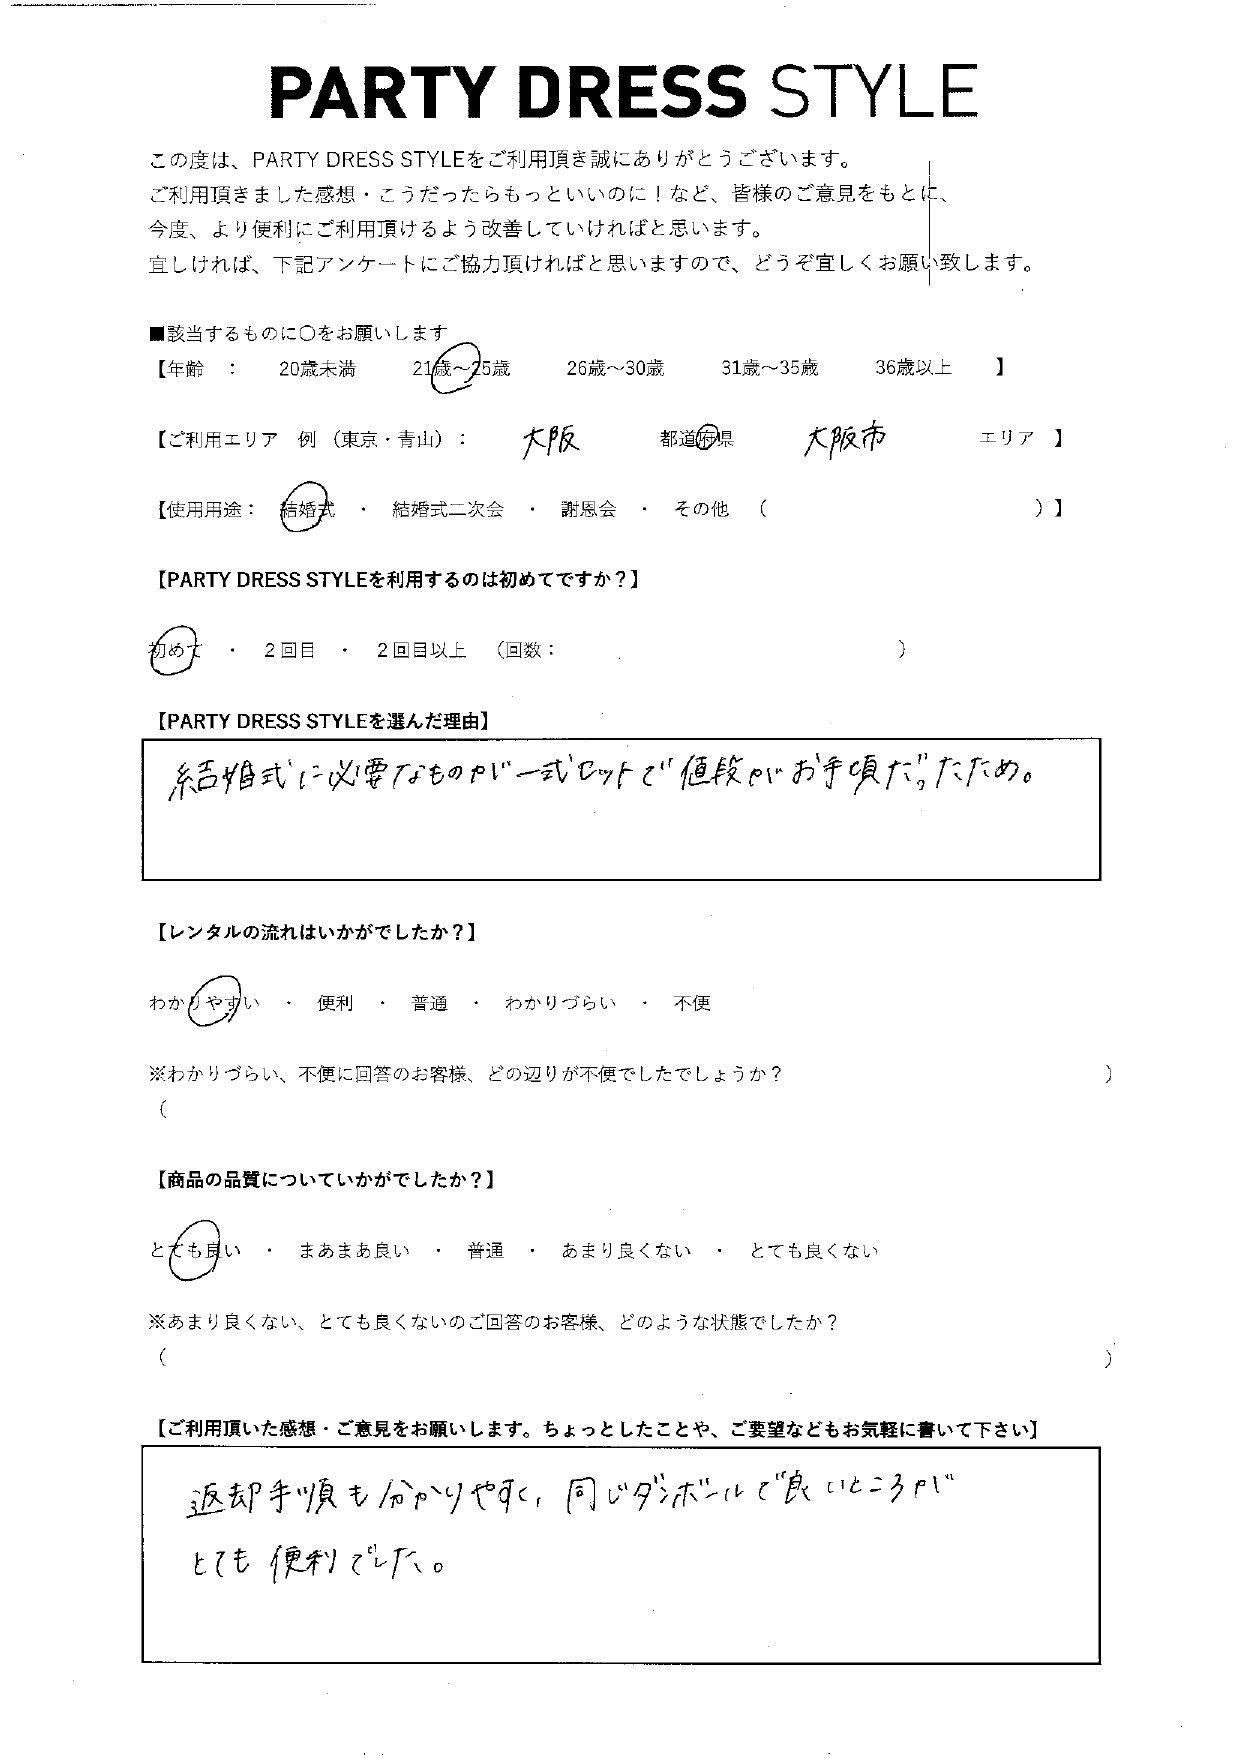 7/17結婚式ご利用 大阪・大阪エリア